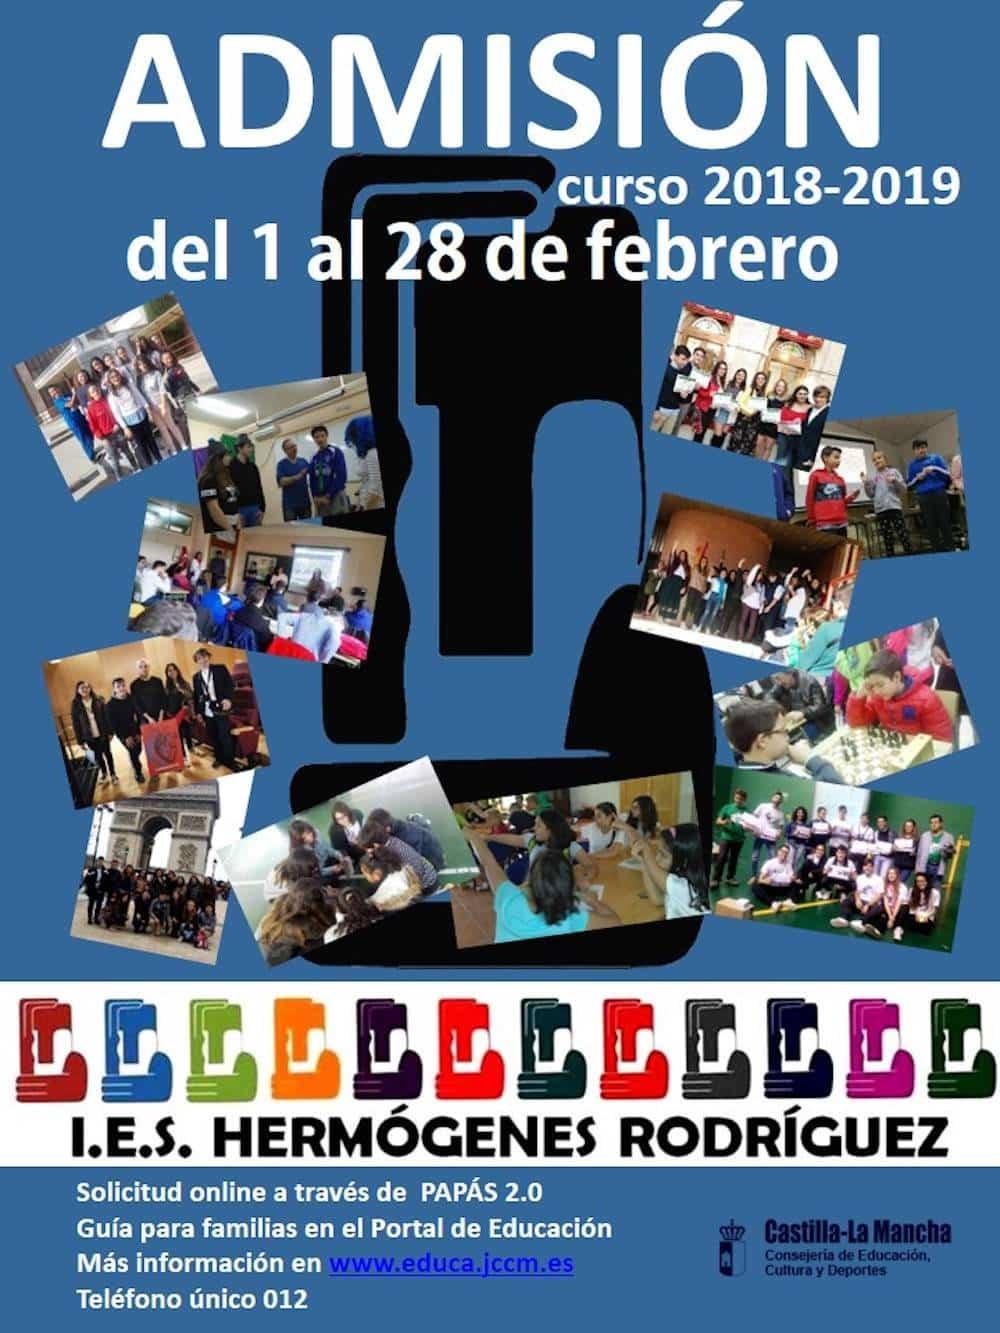 admision alumnos hermogenes rodriguez 2018 2019 - IES Hermógenes Rodríguez abre la admisión de alumnos para 2018-2019